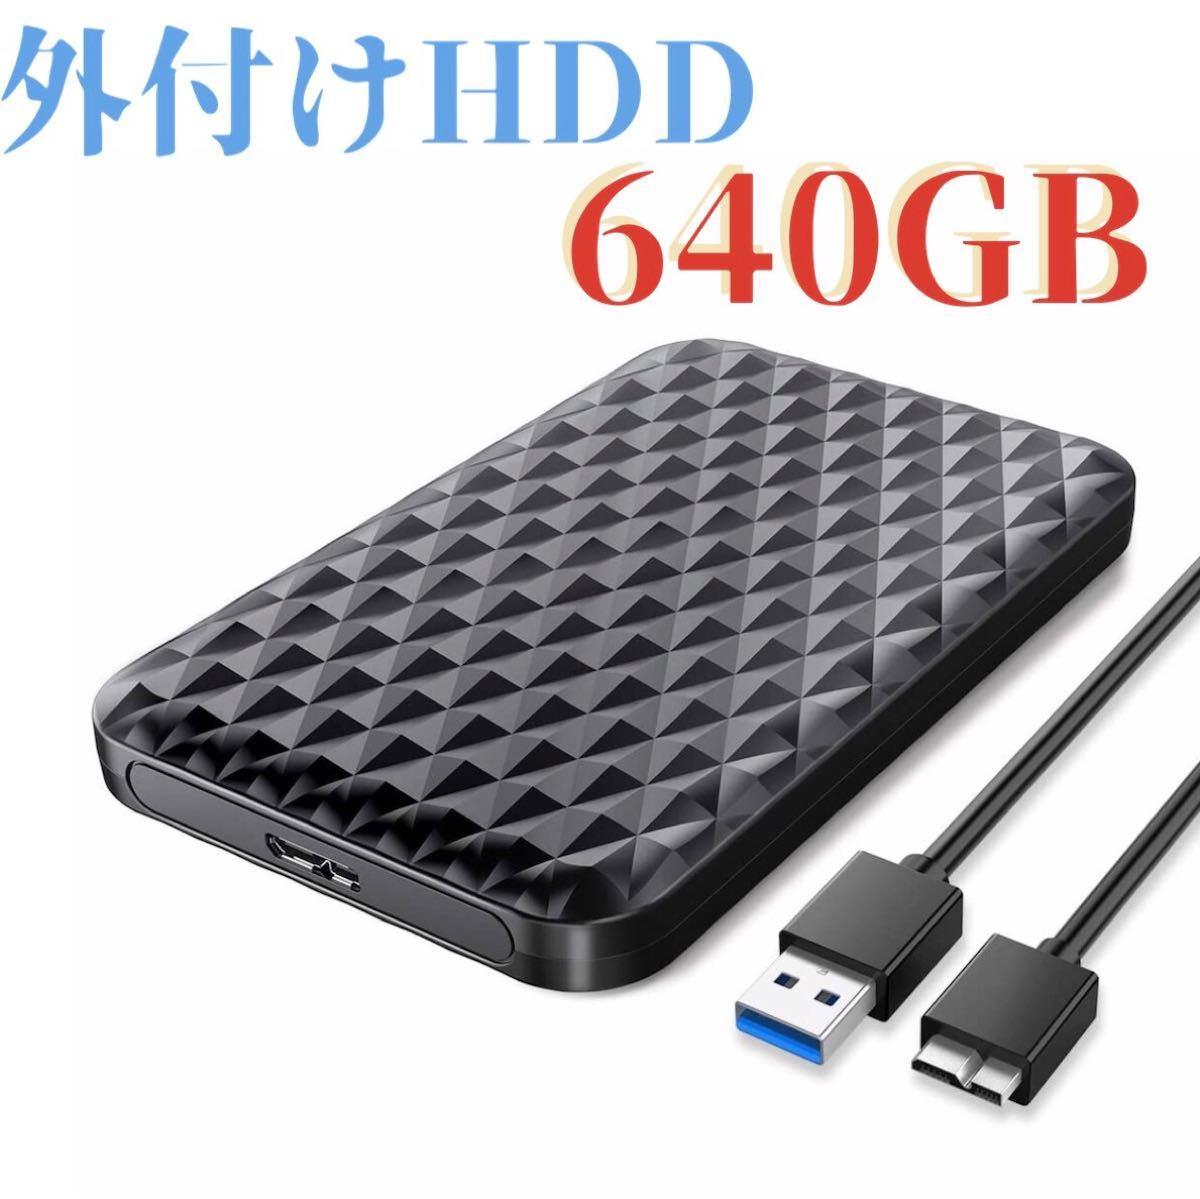 USB3.0 UASP 小型 外付ポータブルハードディスク 外付けHDD 640GB 大容量 hdd